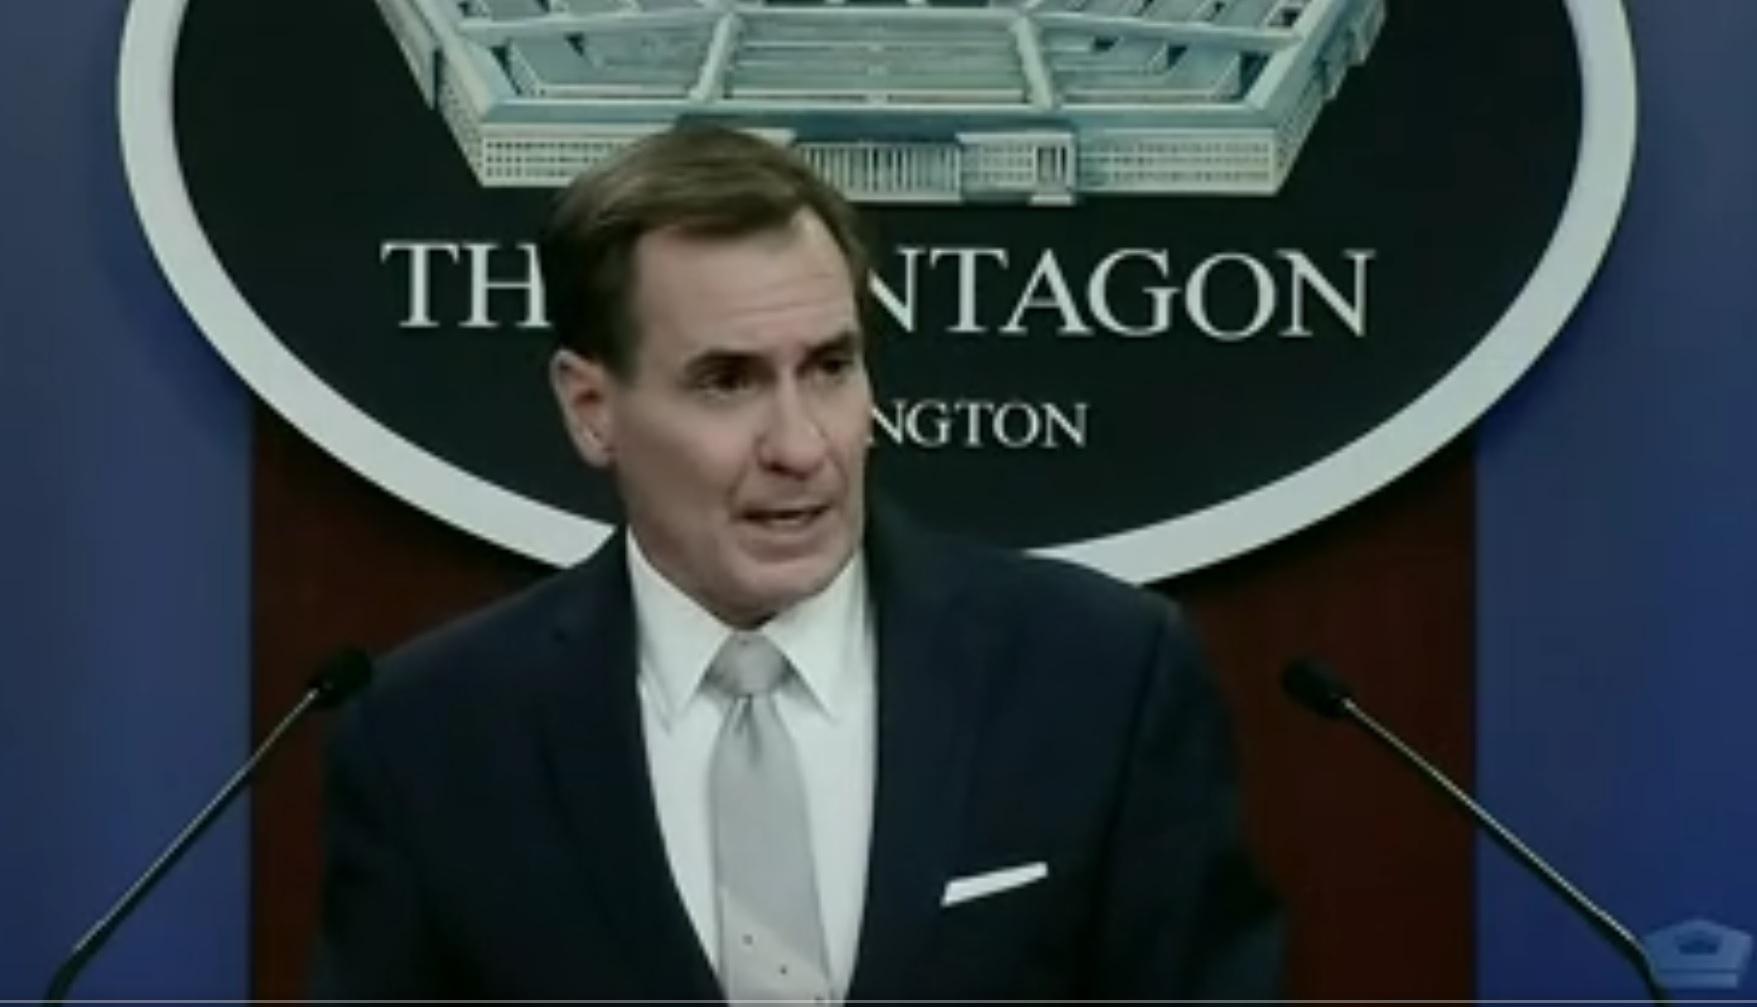 美國國防部發言人柯比2月26日更正其早前對釣魚島的言論並致歉說,美方只對日本防衛該島的立場不變。(美國國防部視頻截圖)